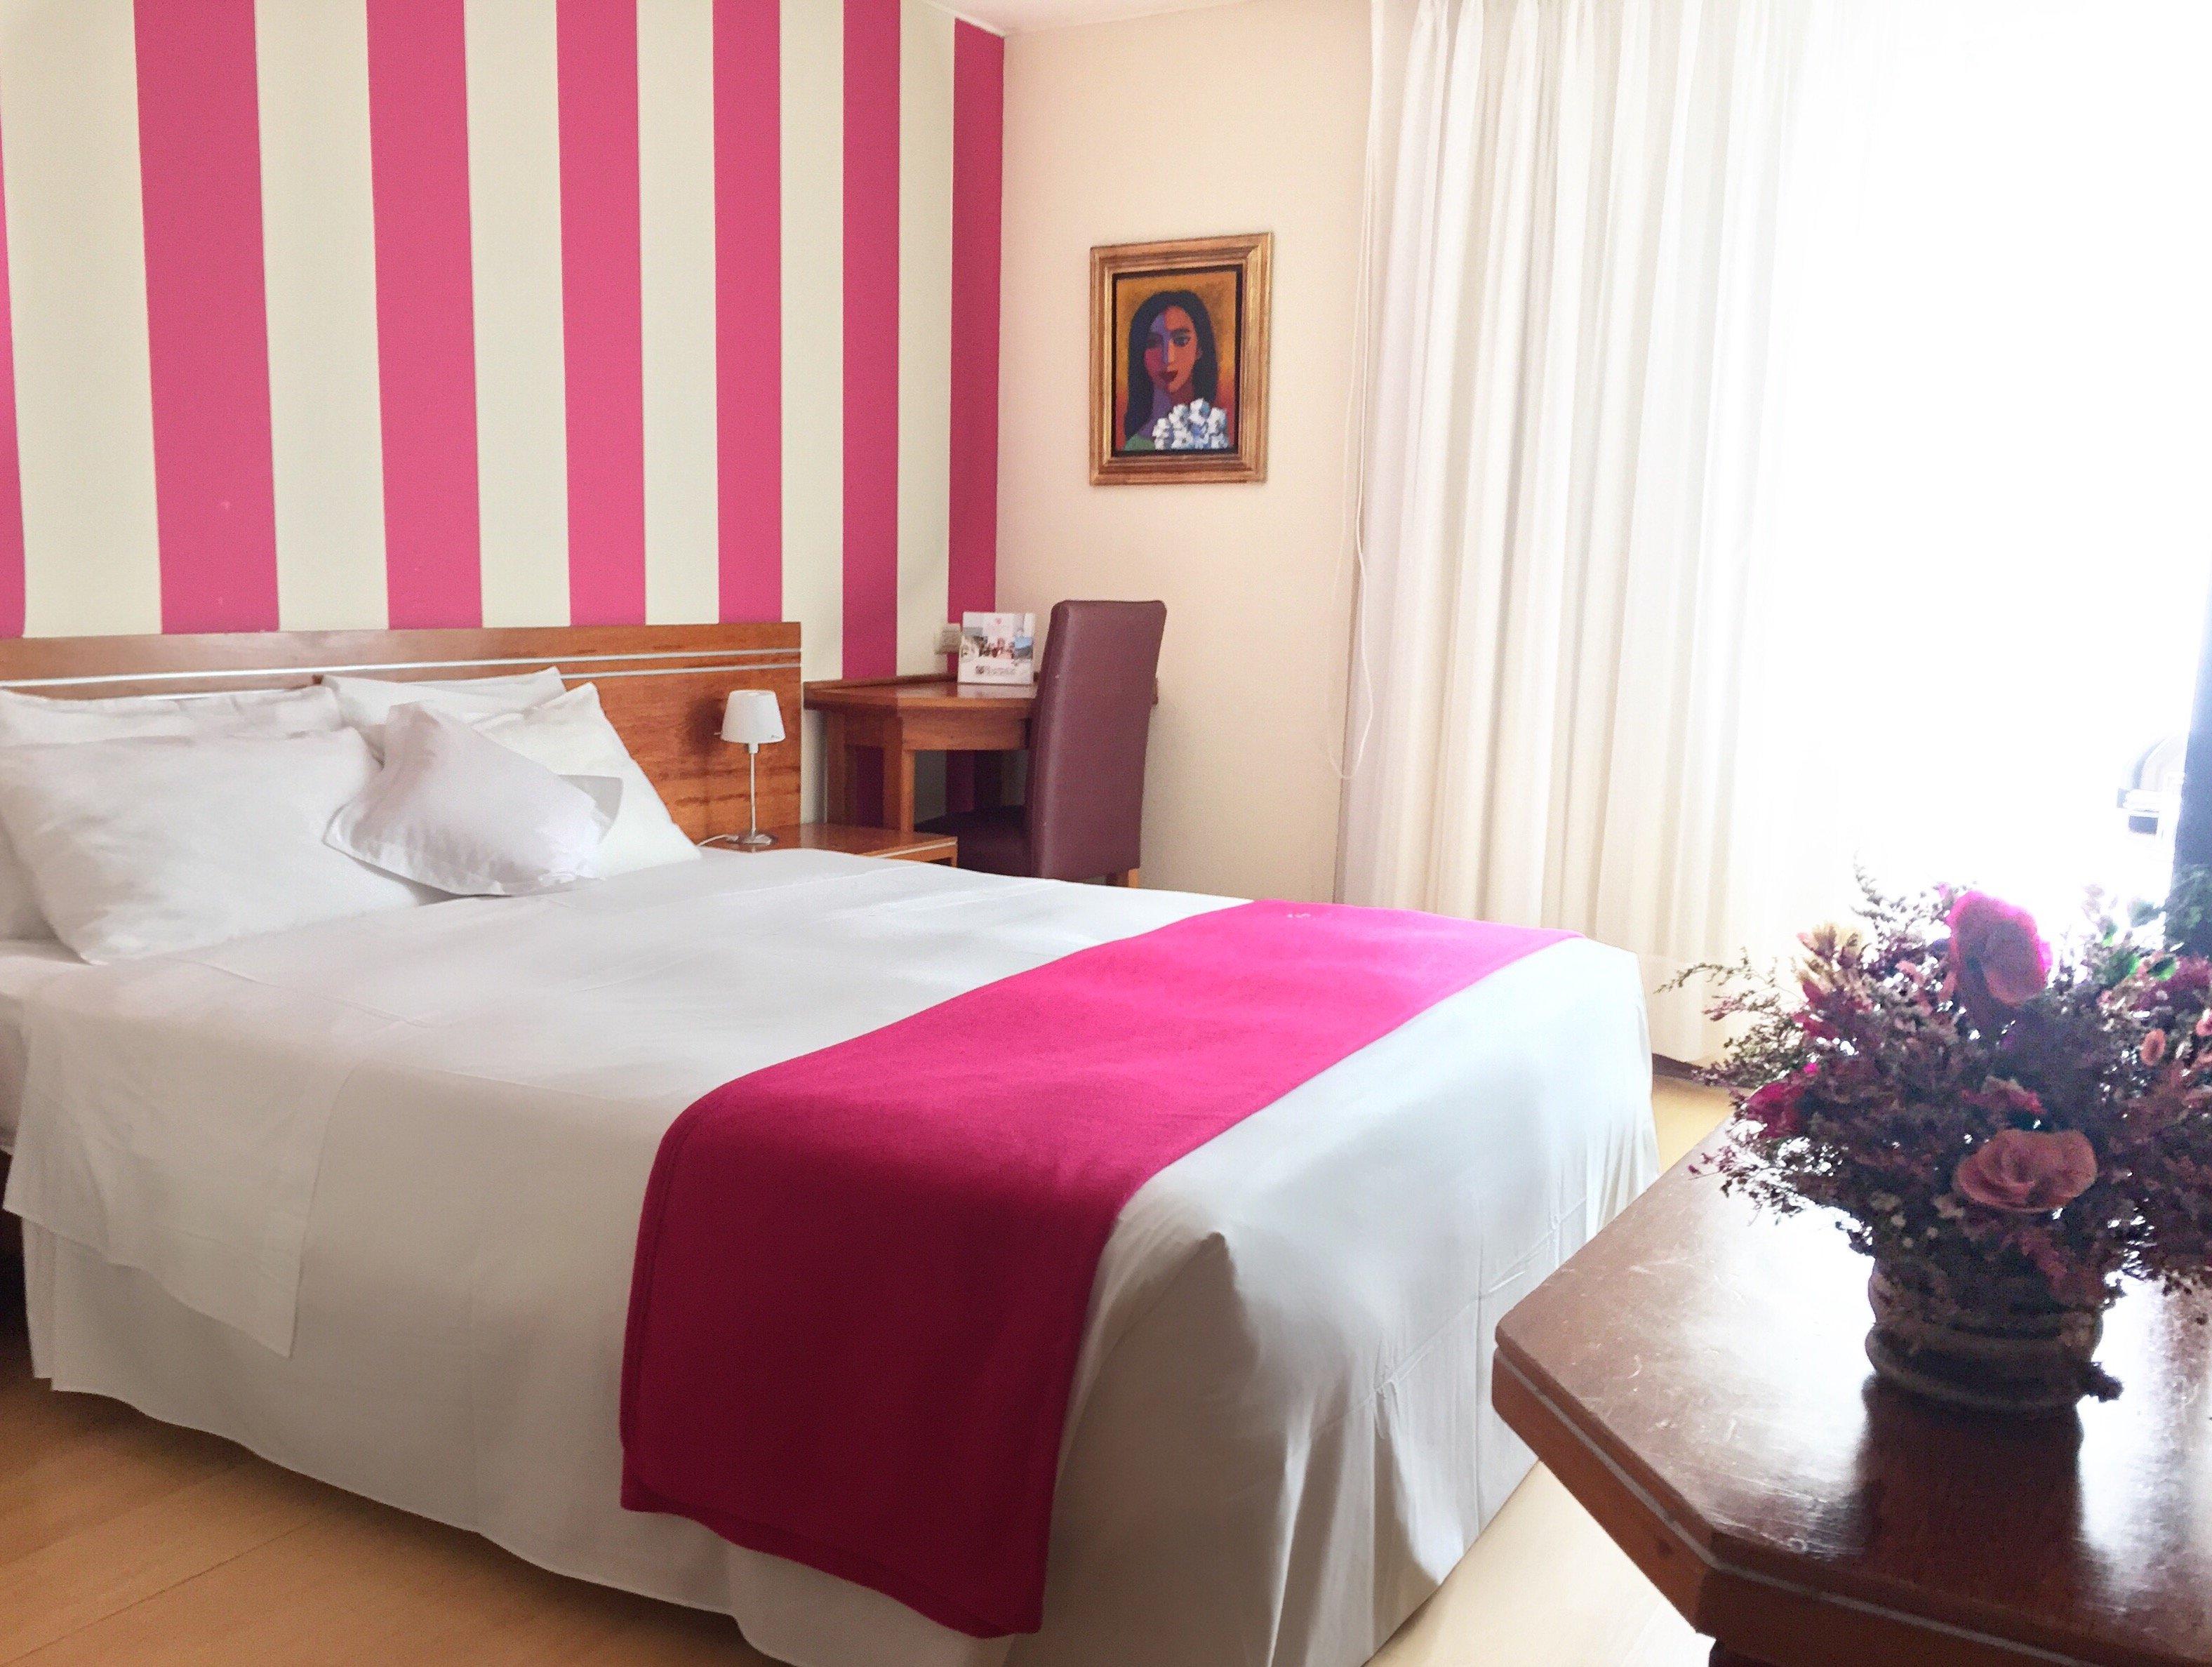 ホテル ルンク ミラフローレス